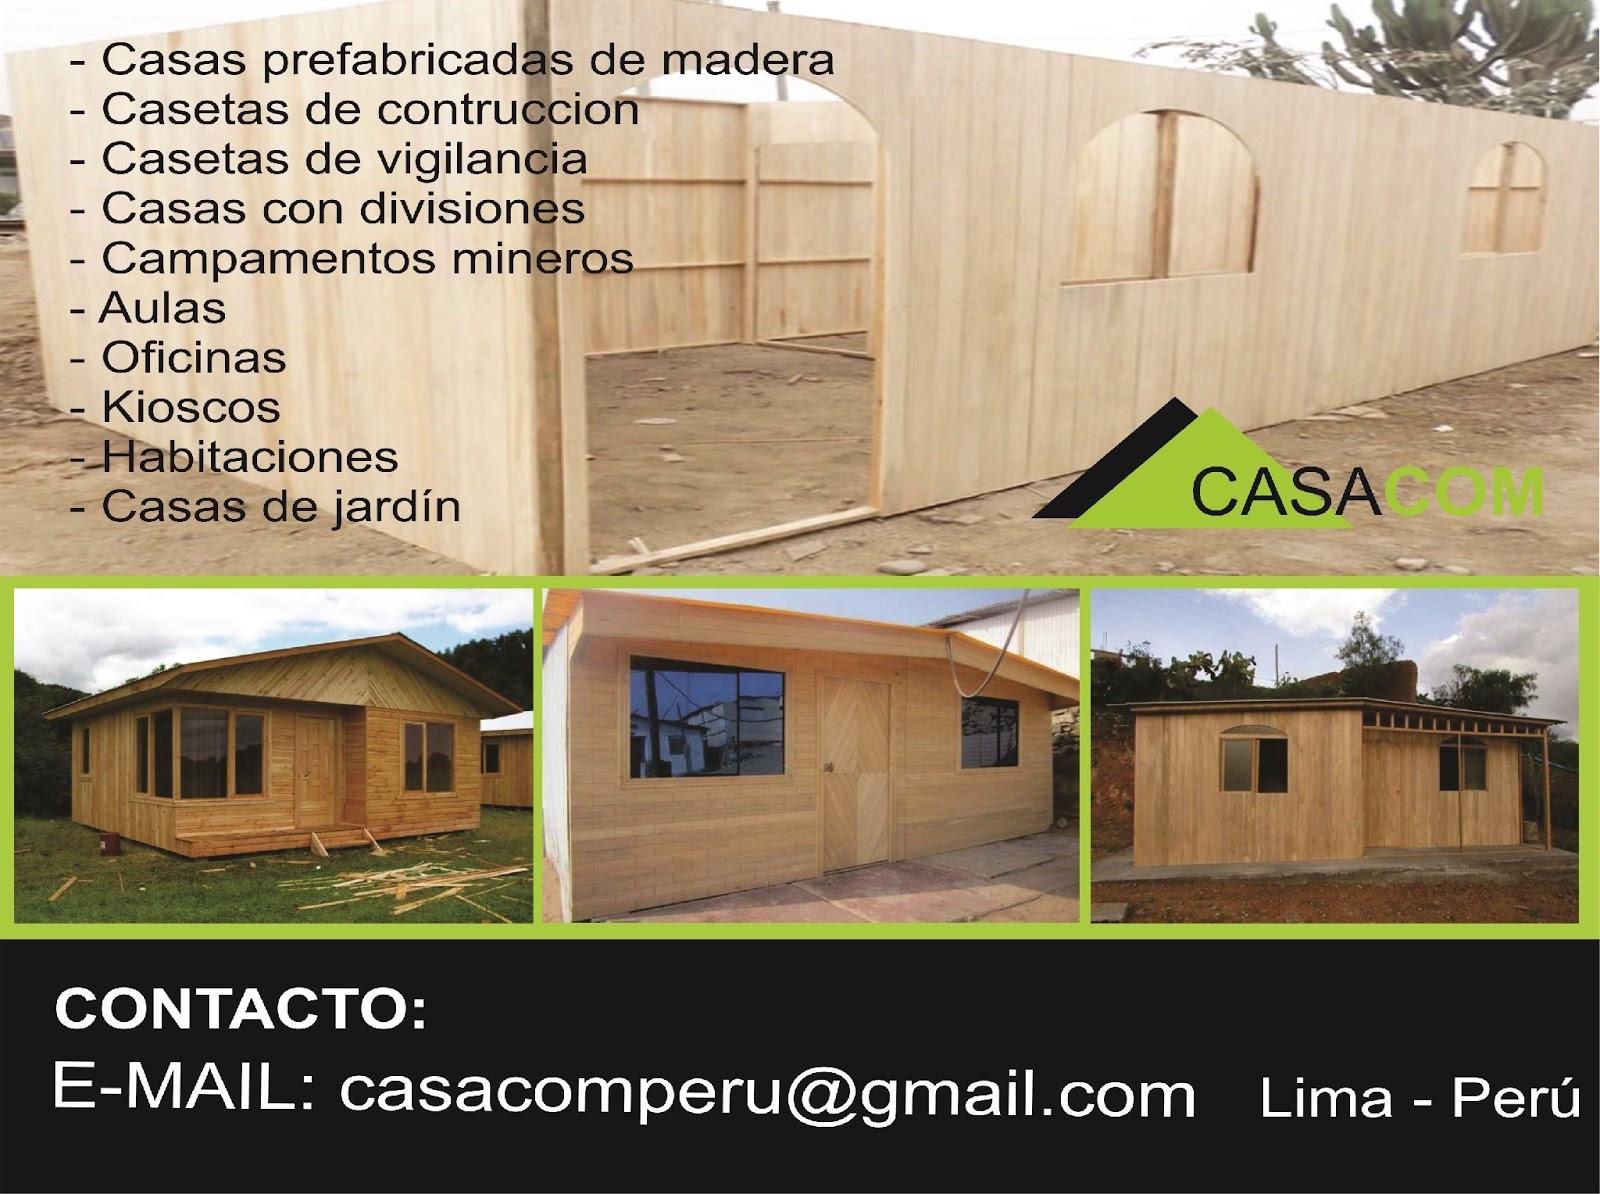 Casacom casetas prefabricadas de madera - Casetas prefabricadas para jardin ...